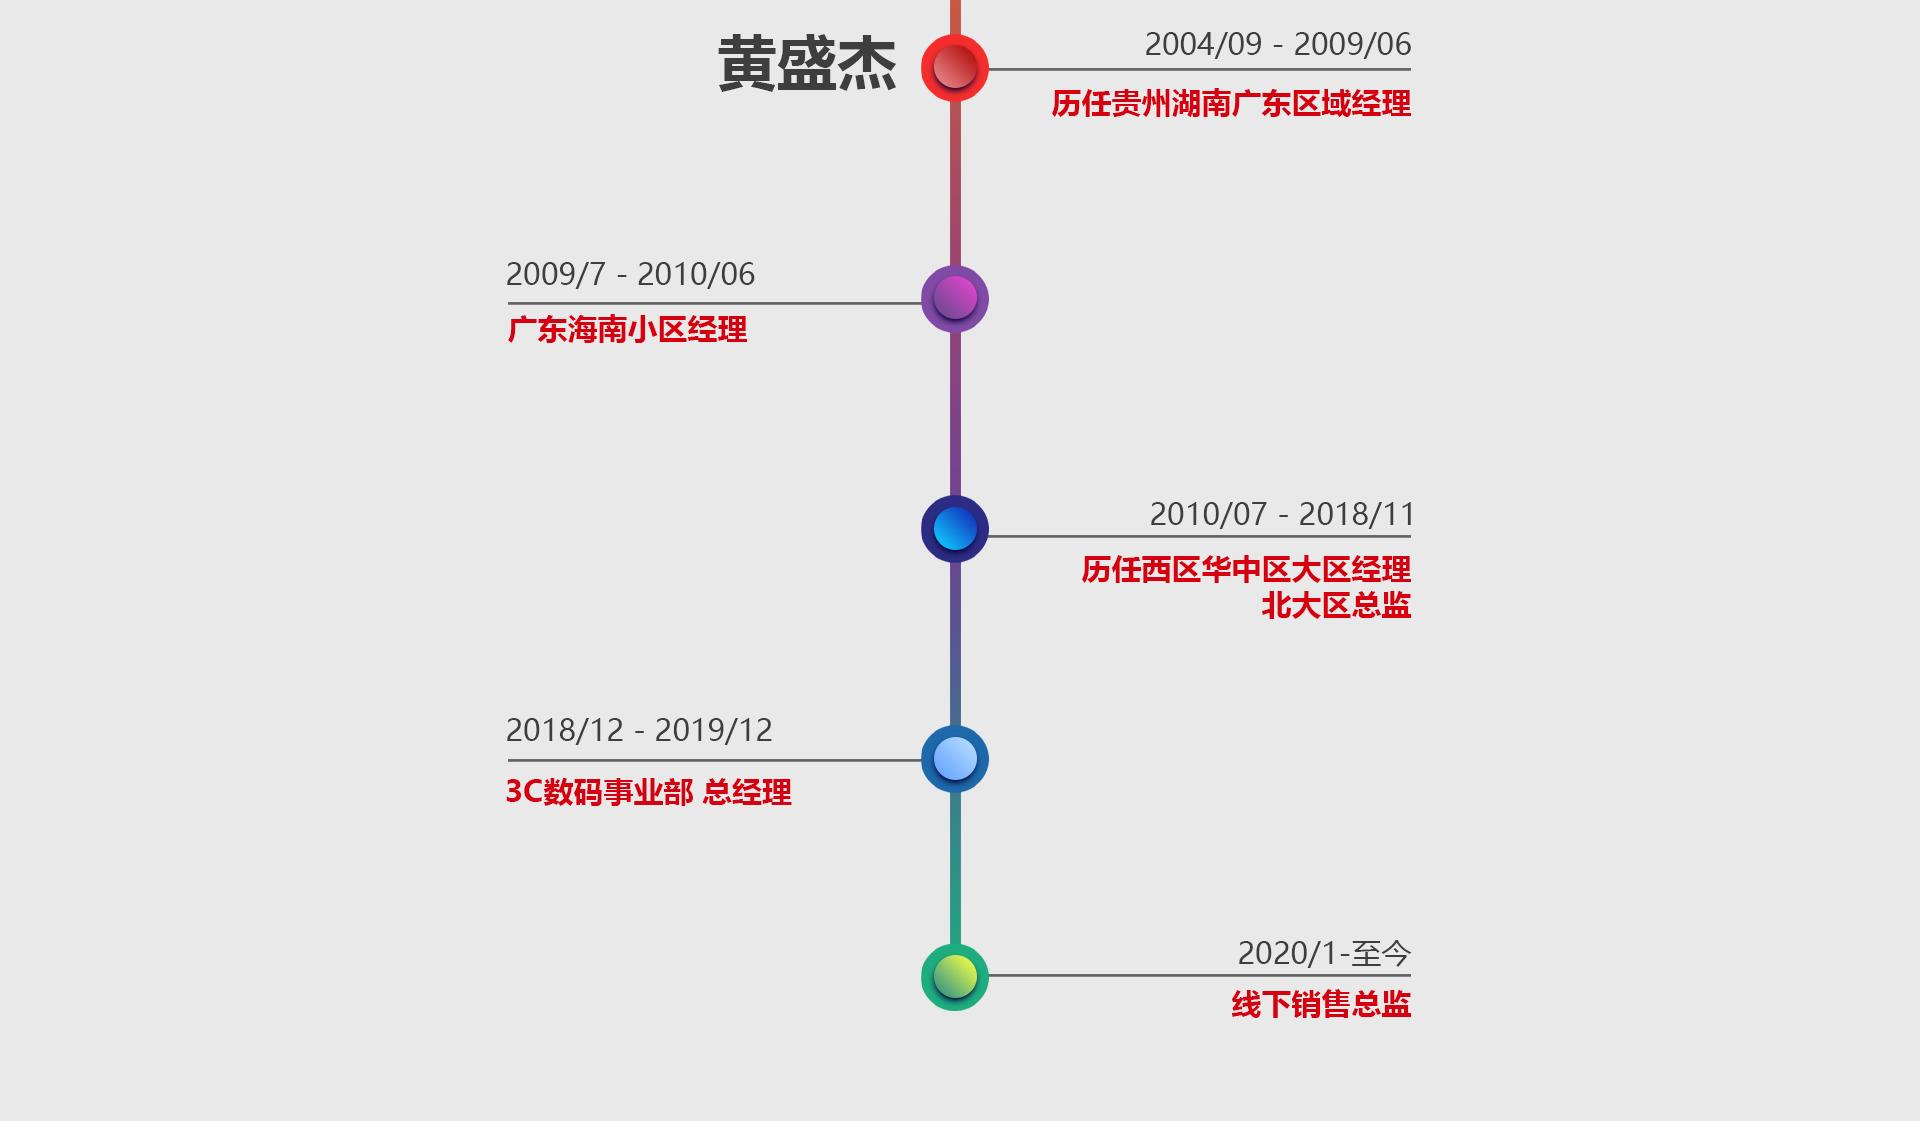 04-招贤纳士-5_05.jpg